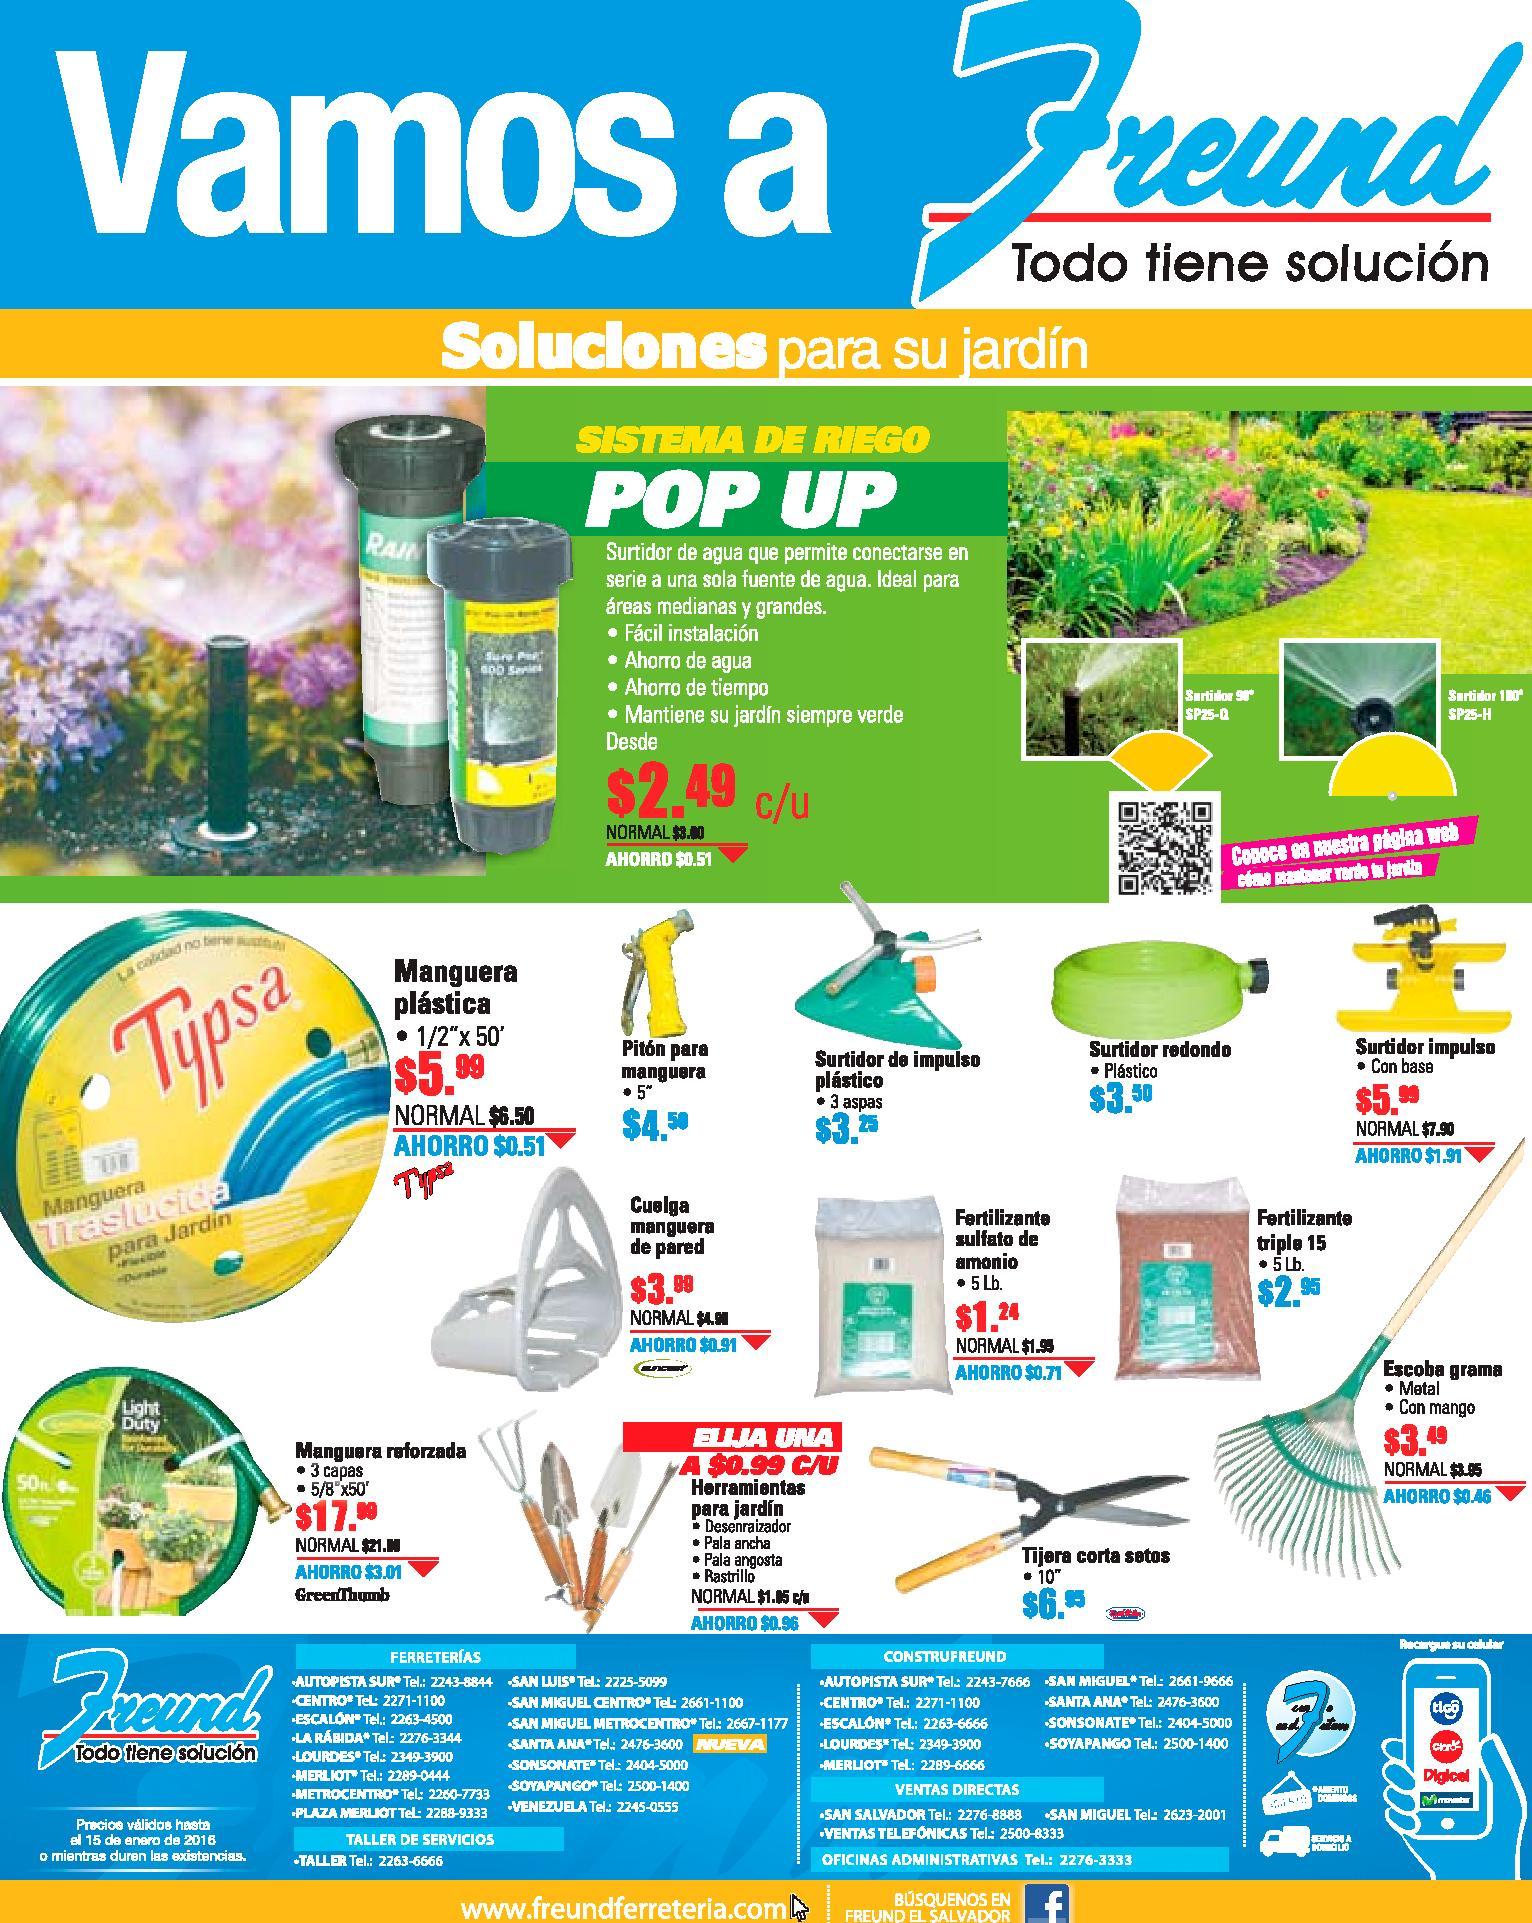 Sistema de riego POP UP disponible en freund jardineria